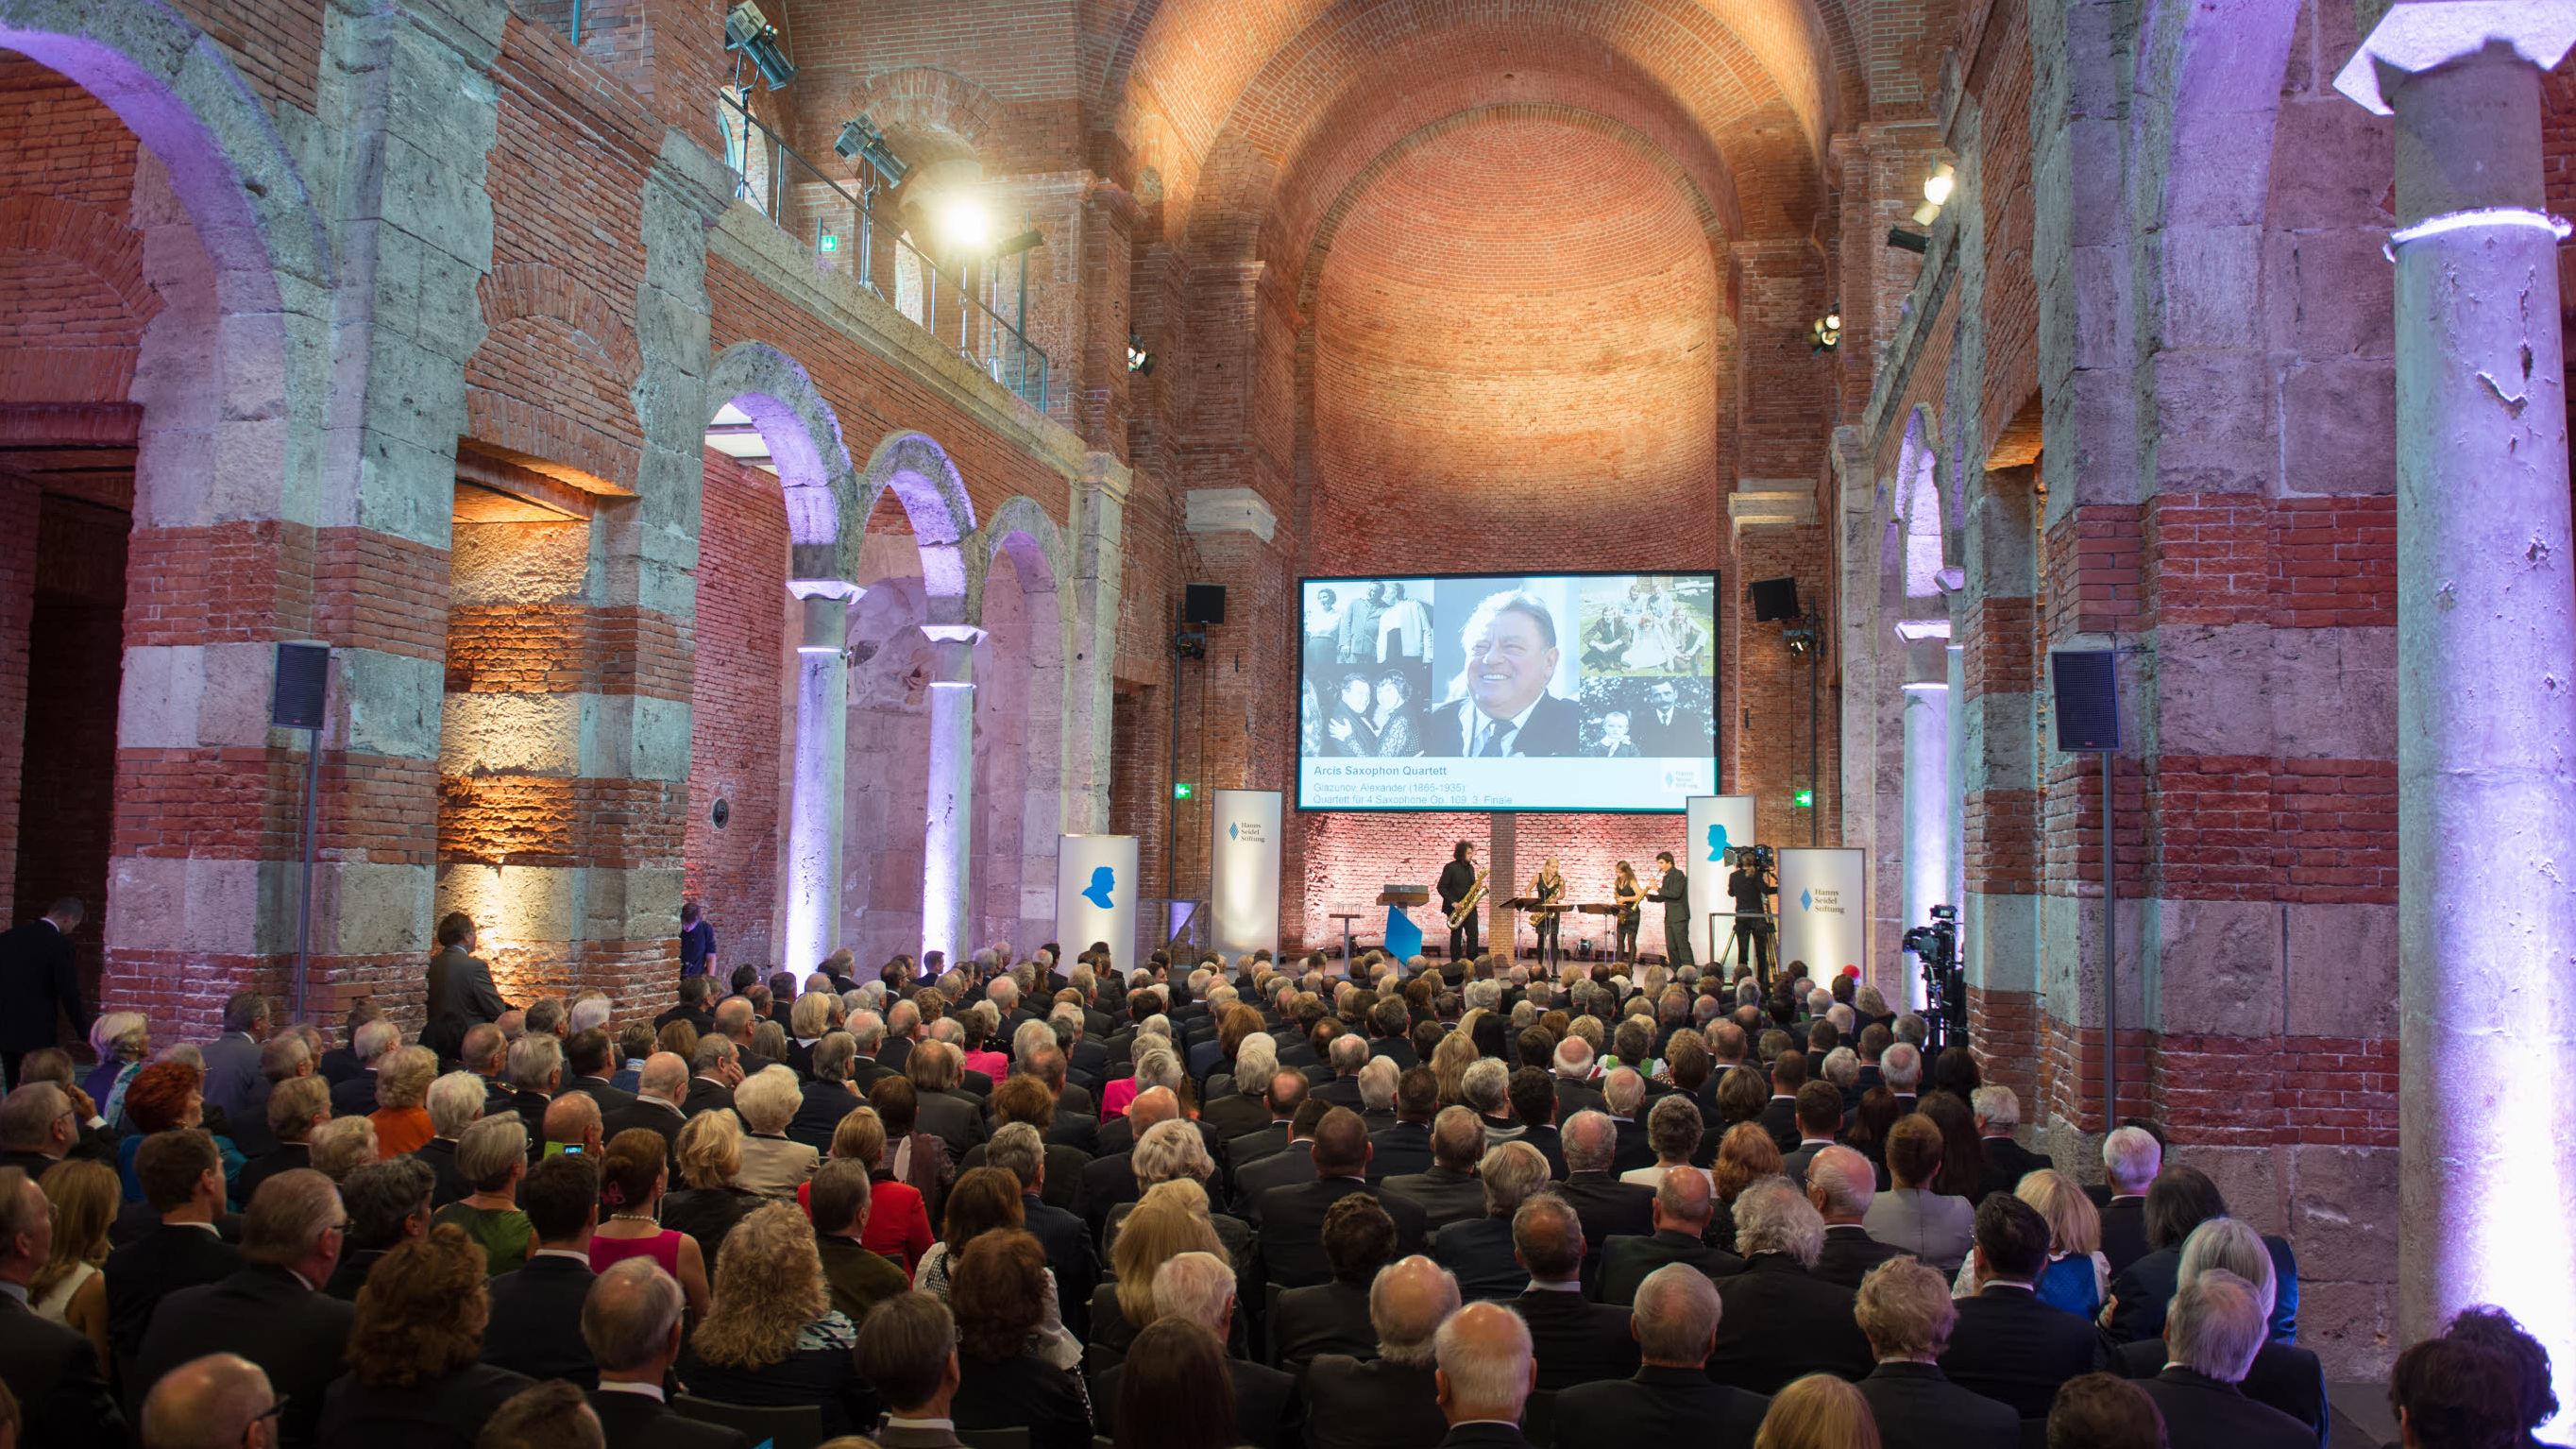 """""""Dankbar rückwärts, mutig vorwärts, gläubig aufwärts"""" - Festakt zum 100. Geburtstag von Franz Josef Strauß in der Allerheiligen-Hofkirche der Münchner Residenz"""